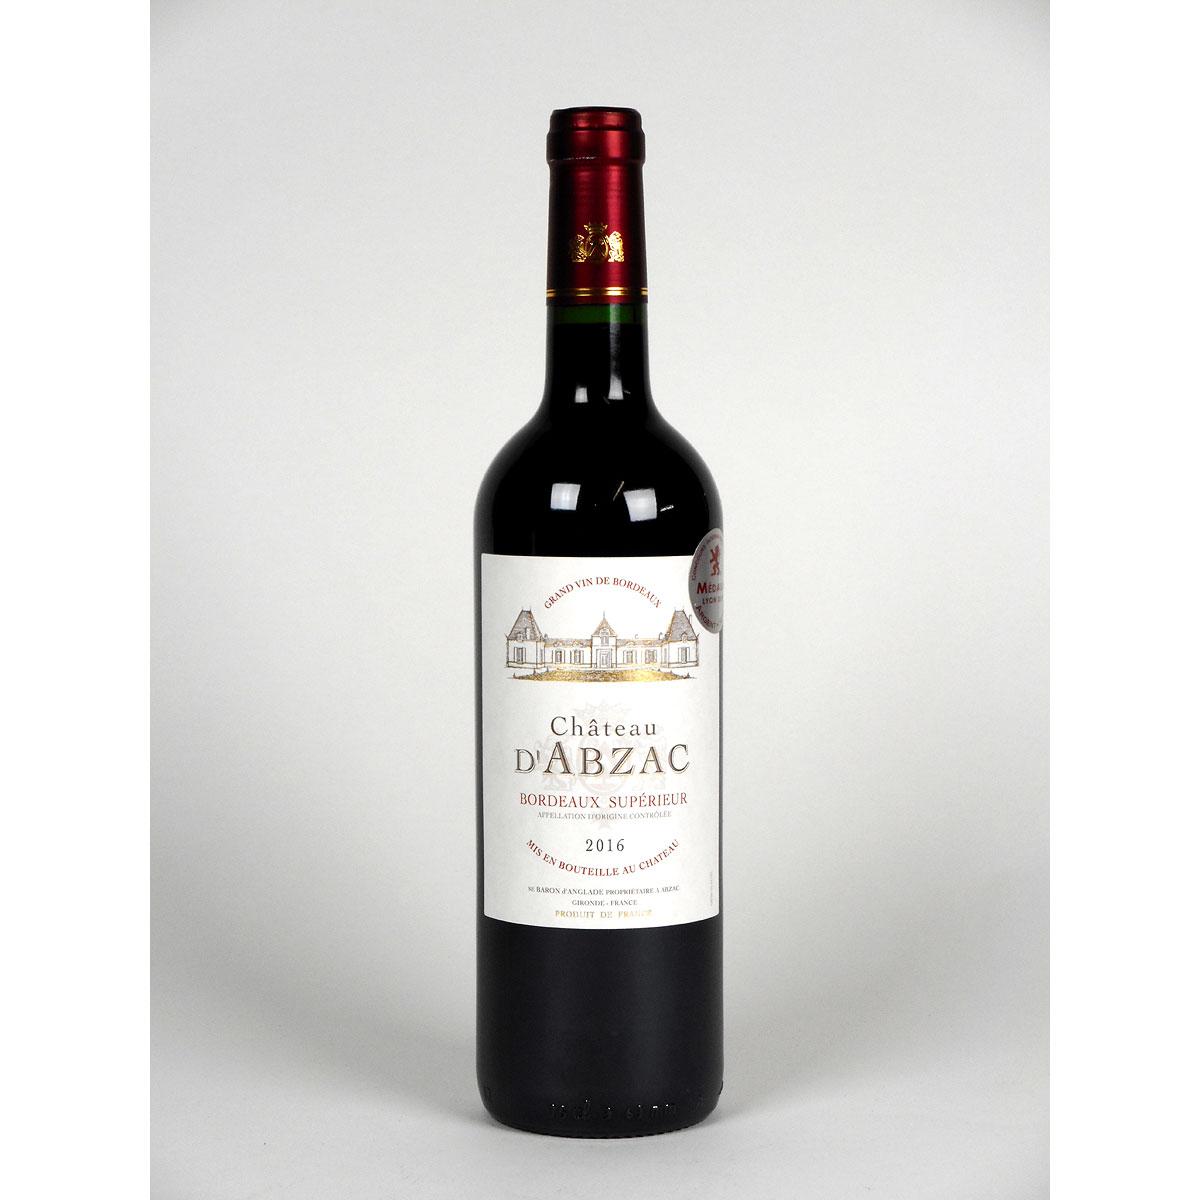 Bordeaux Supérieur: Château d'Abzac 2016 - Bottle